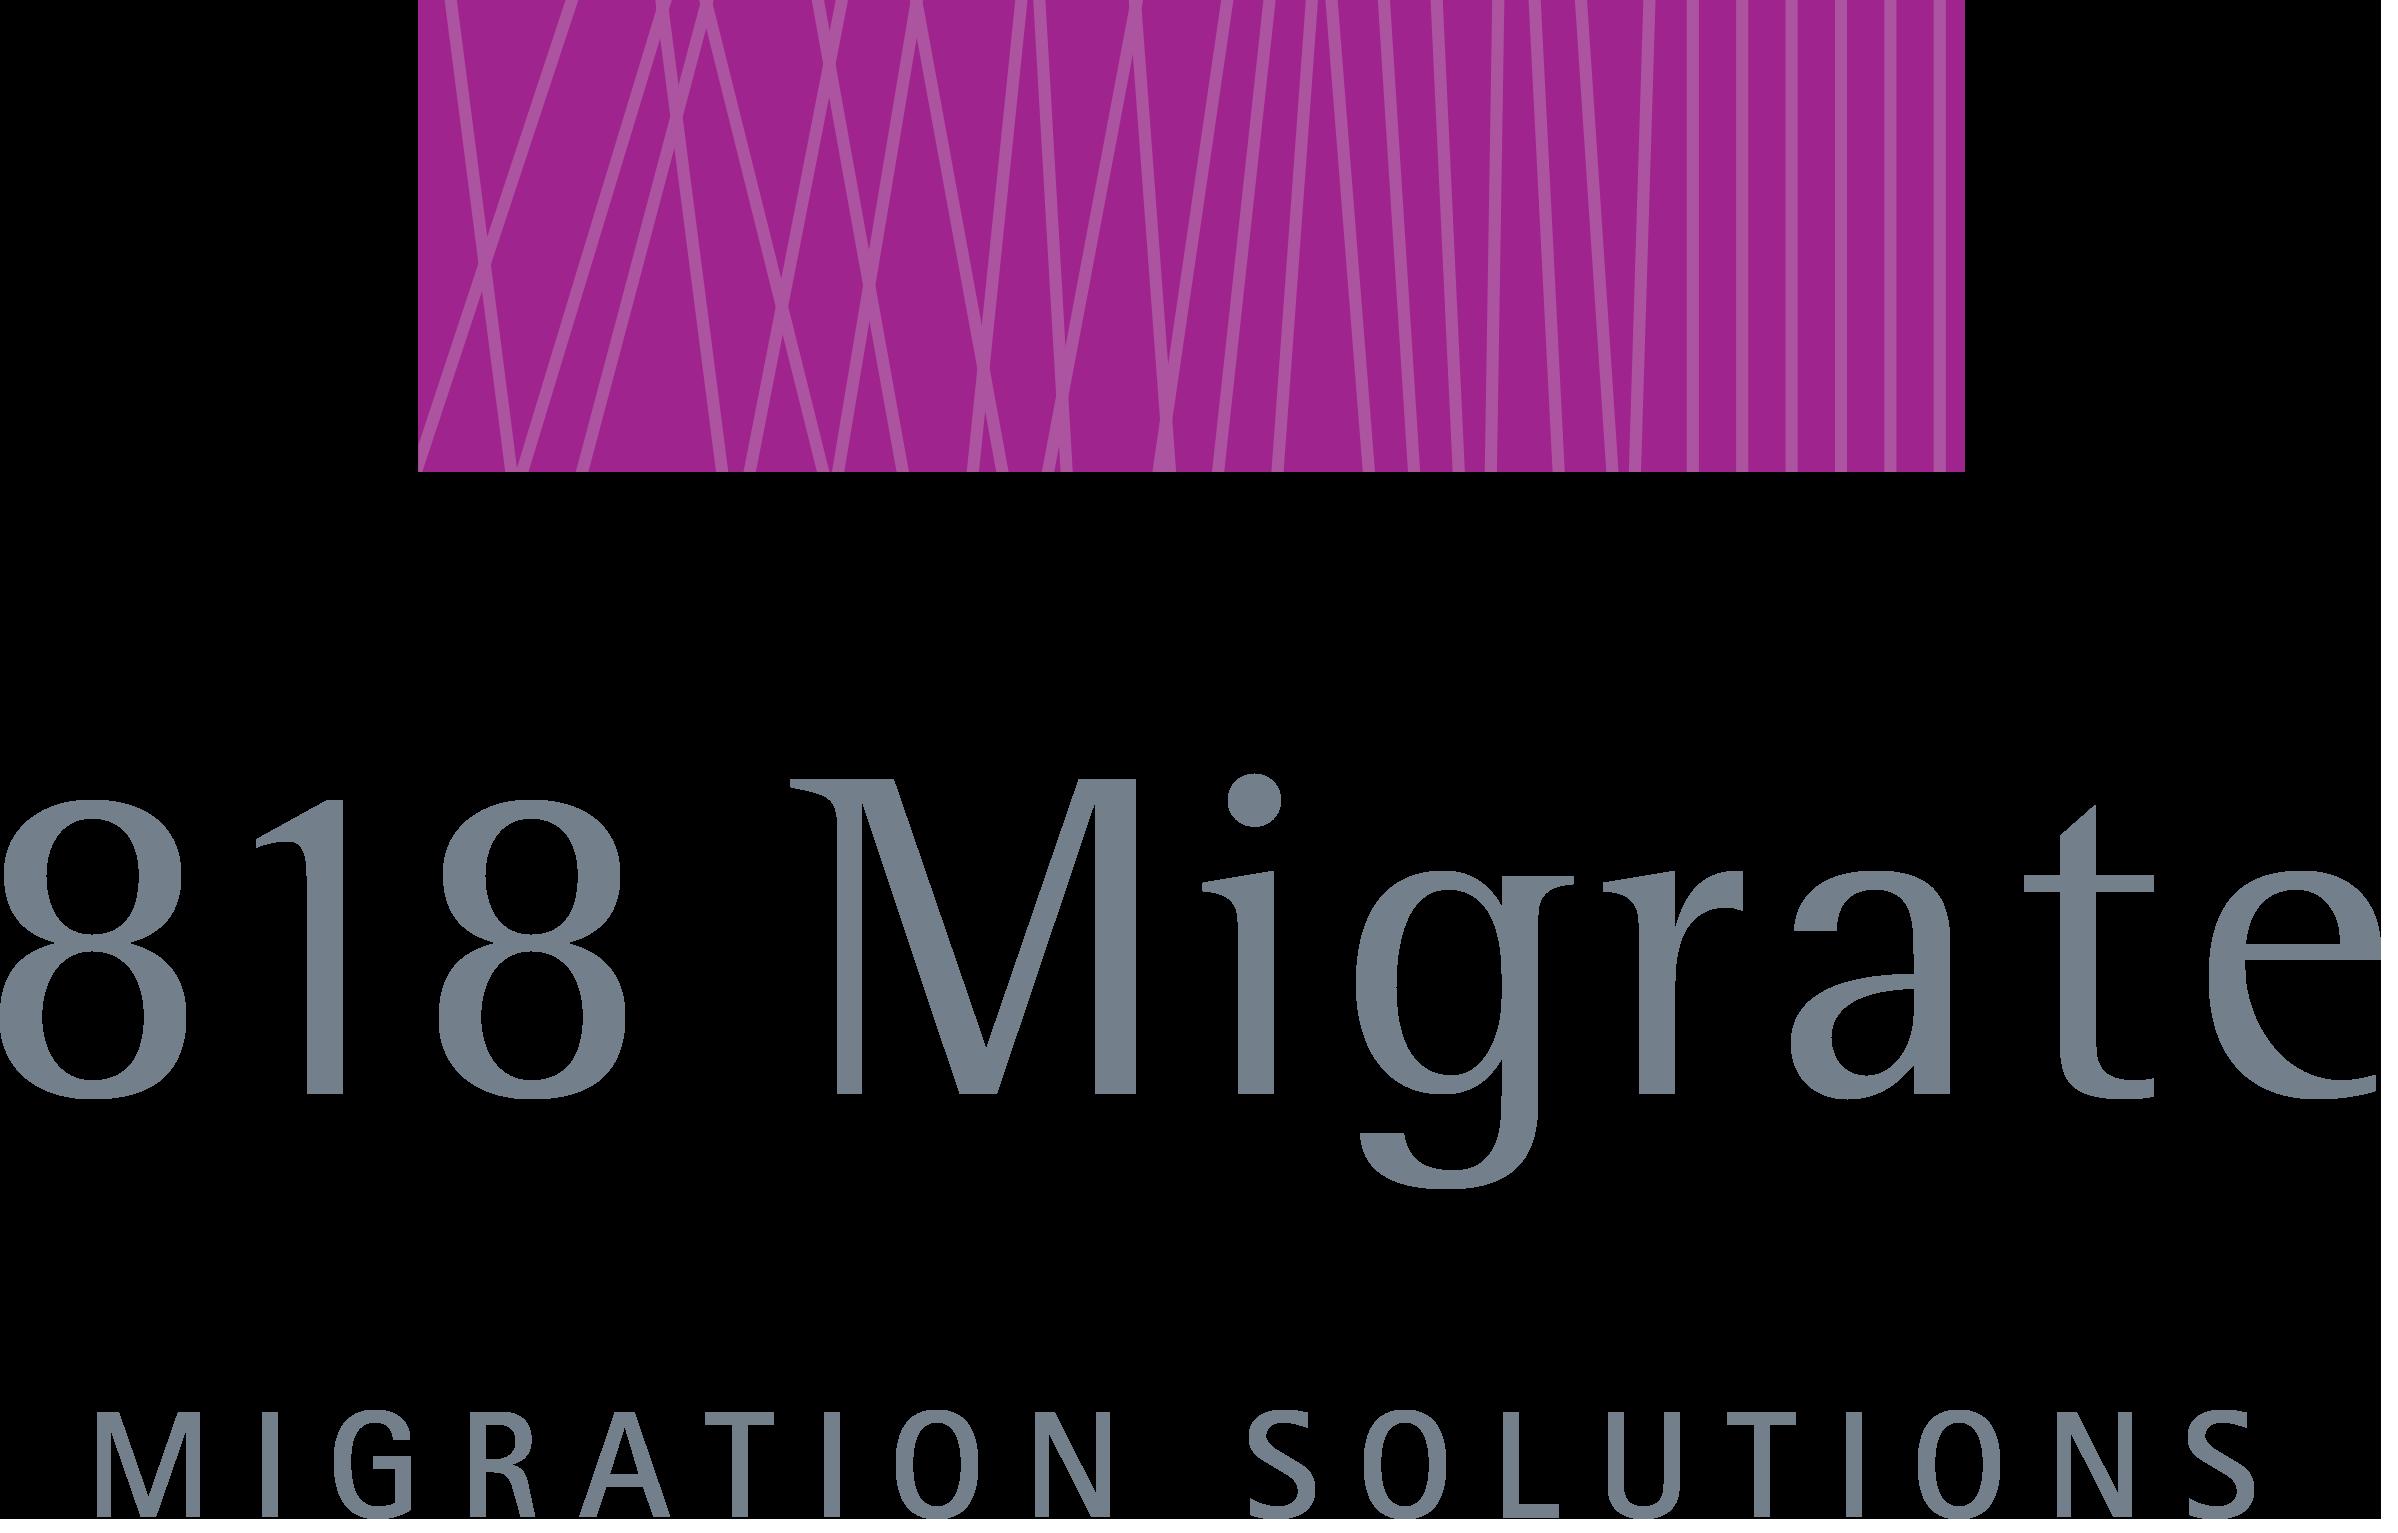 818migrate